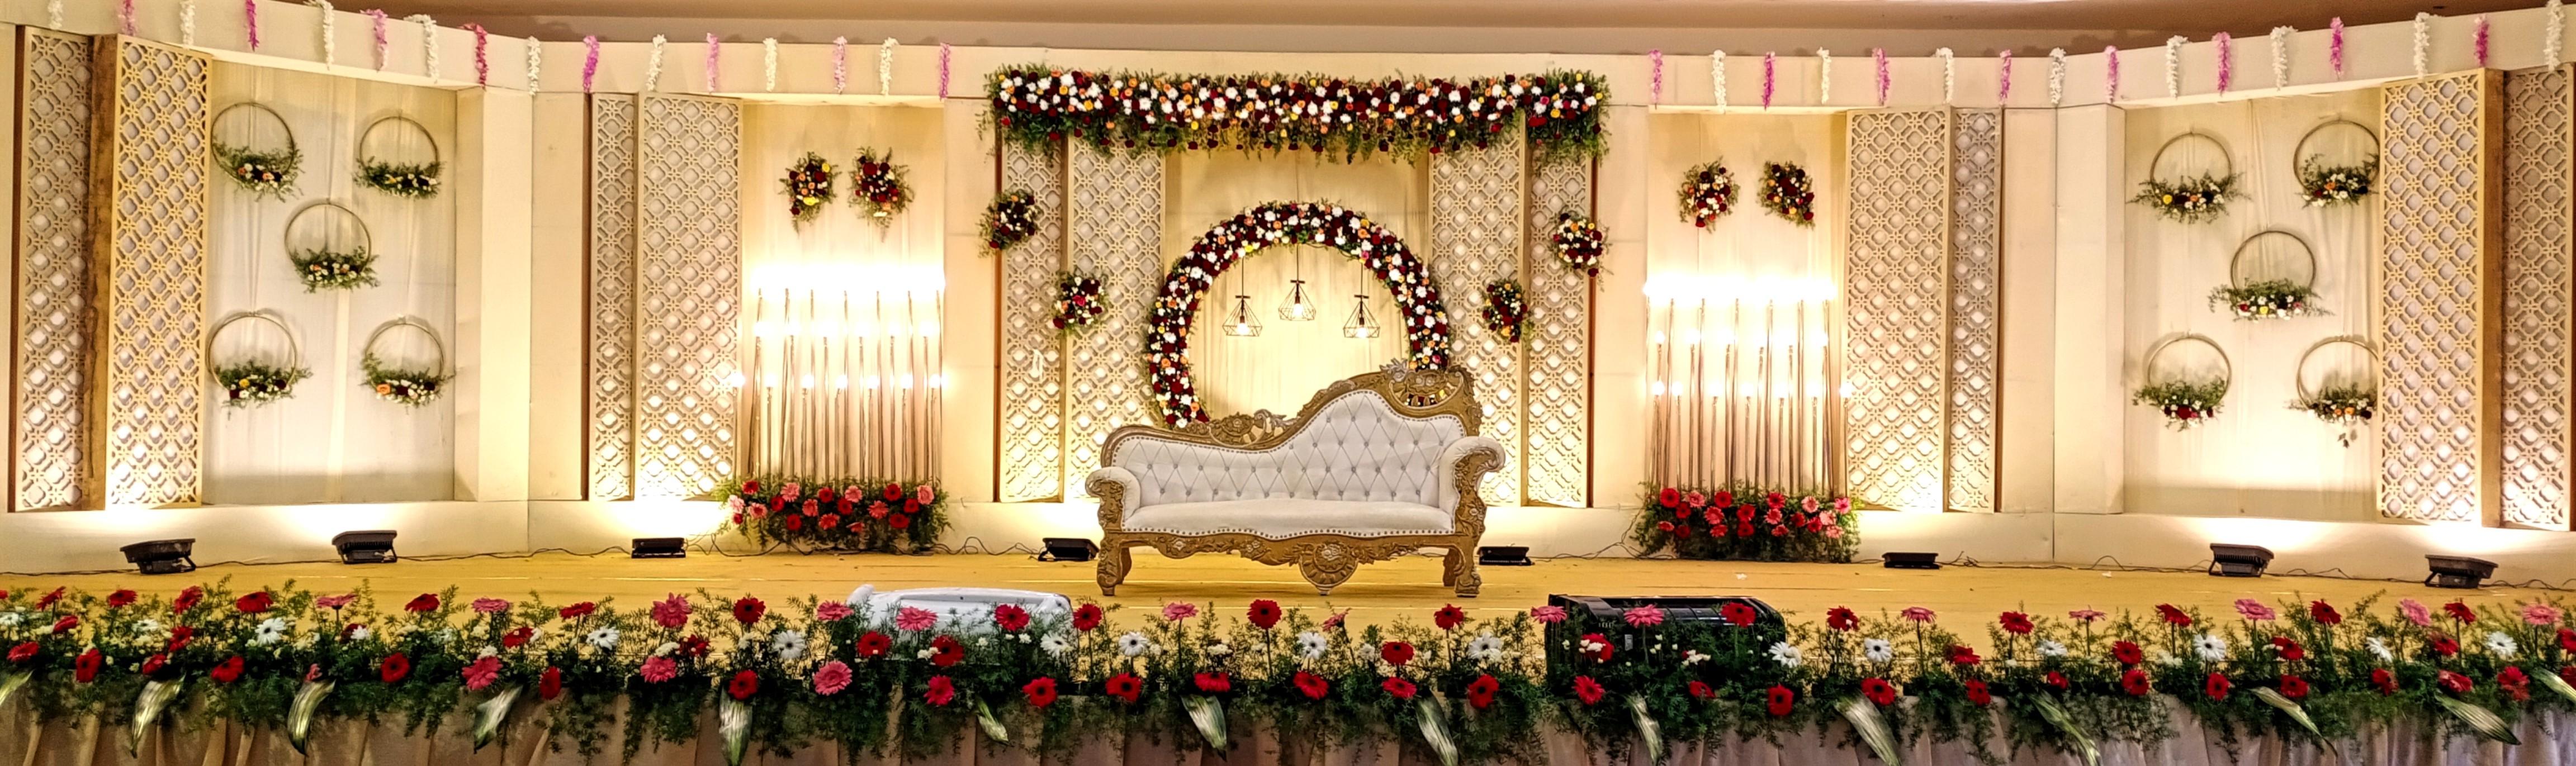 Kovai Wedding Decorators - Kovaipandhal